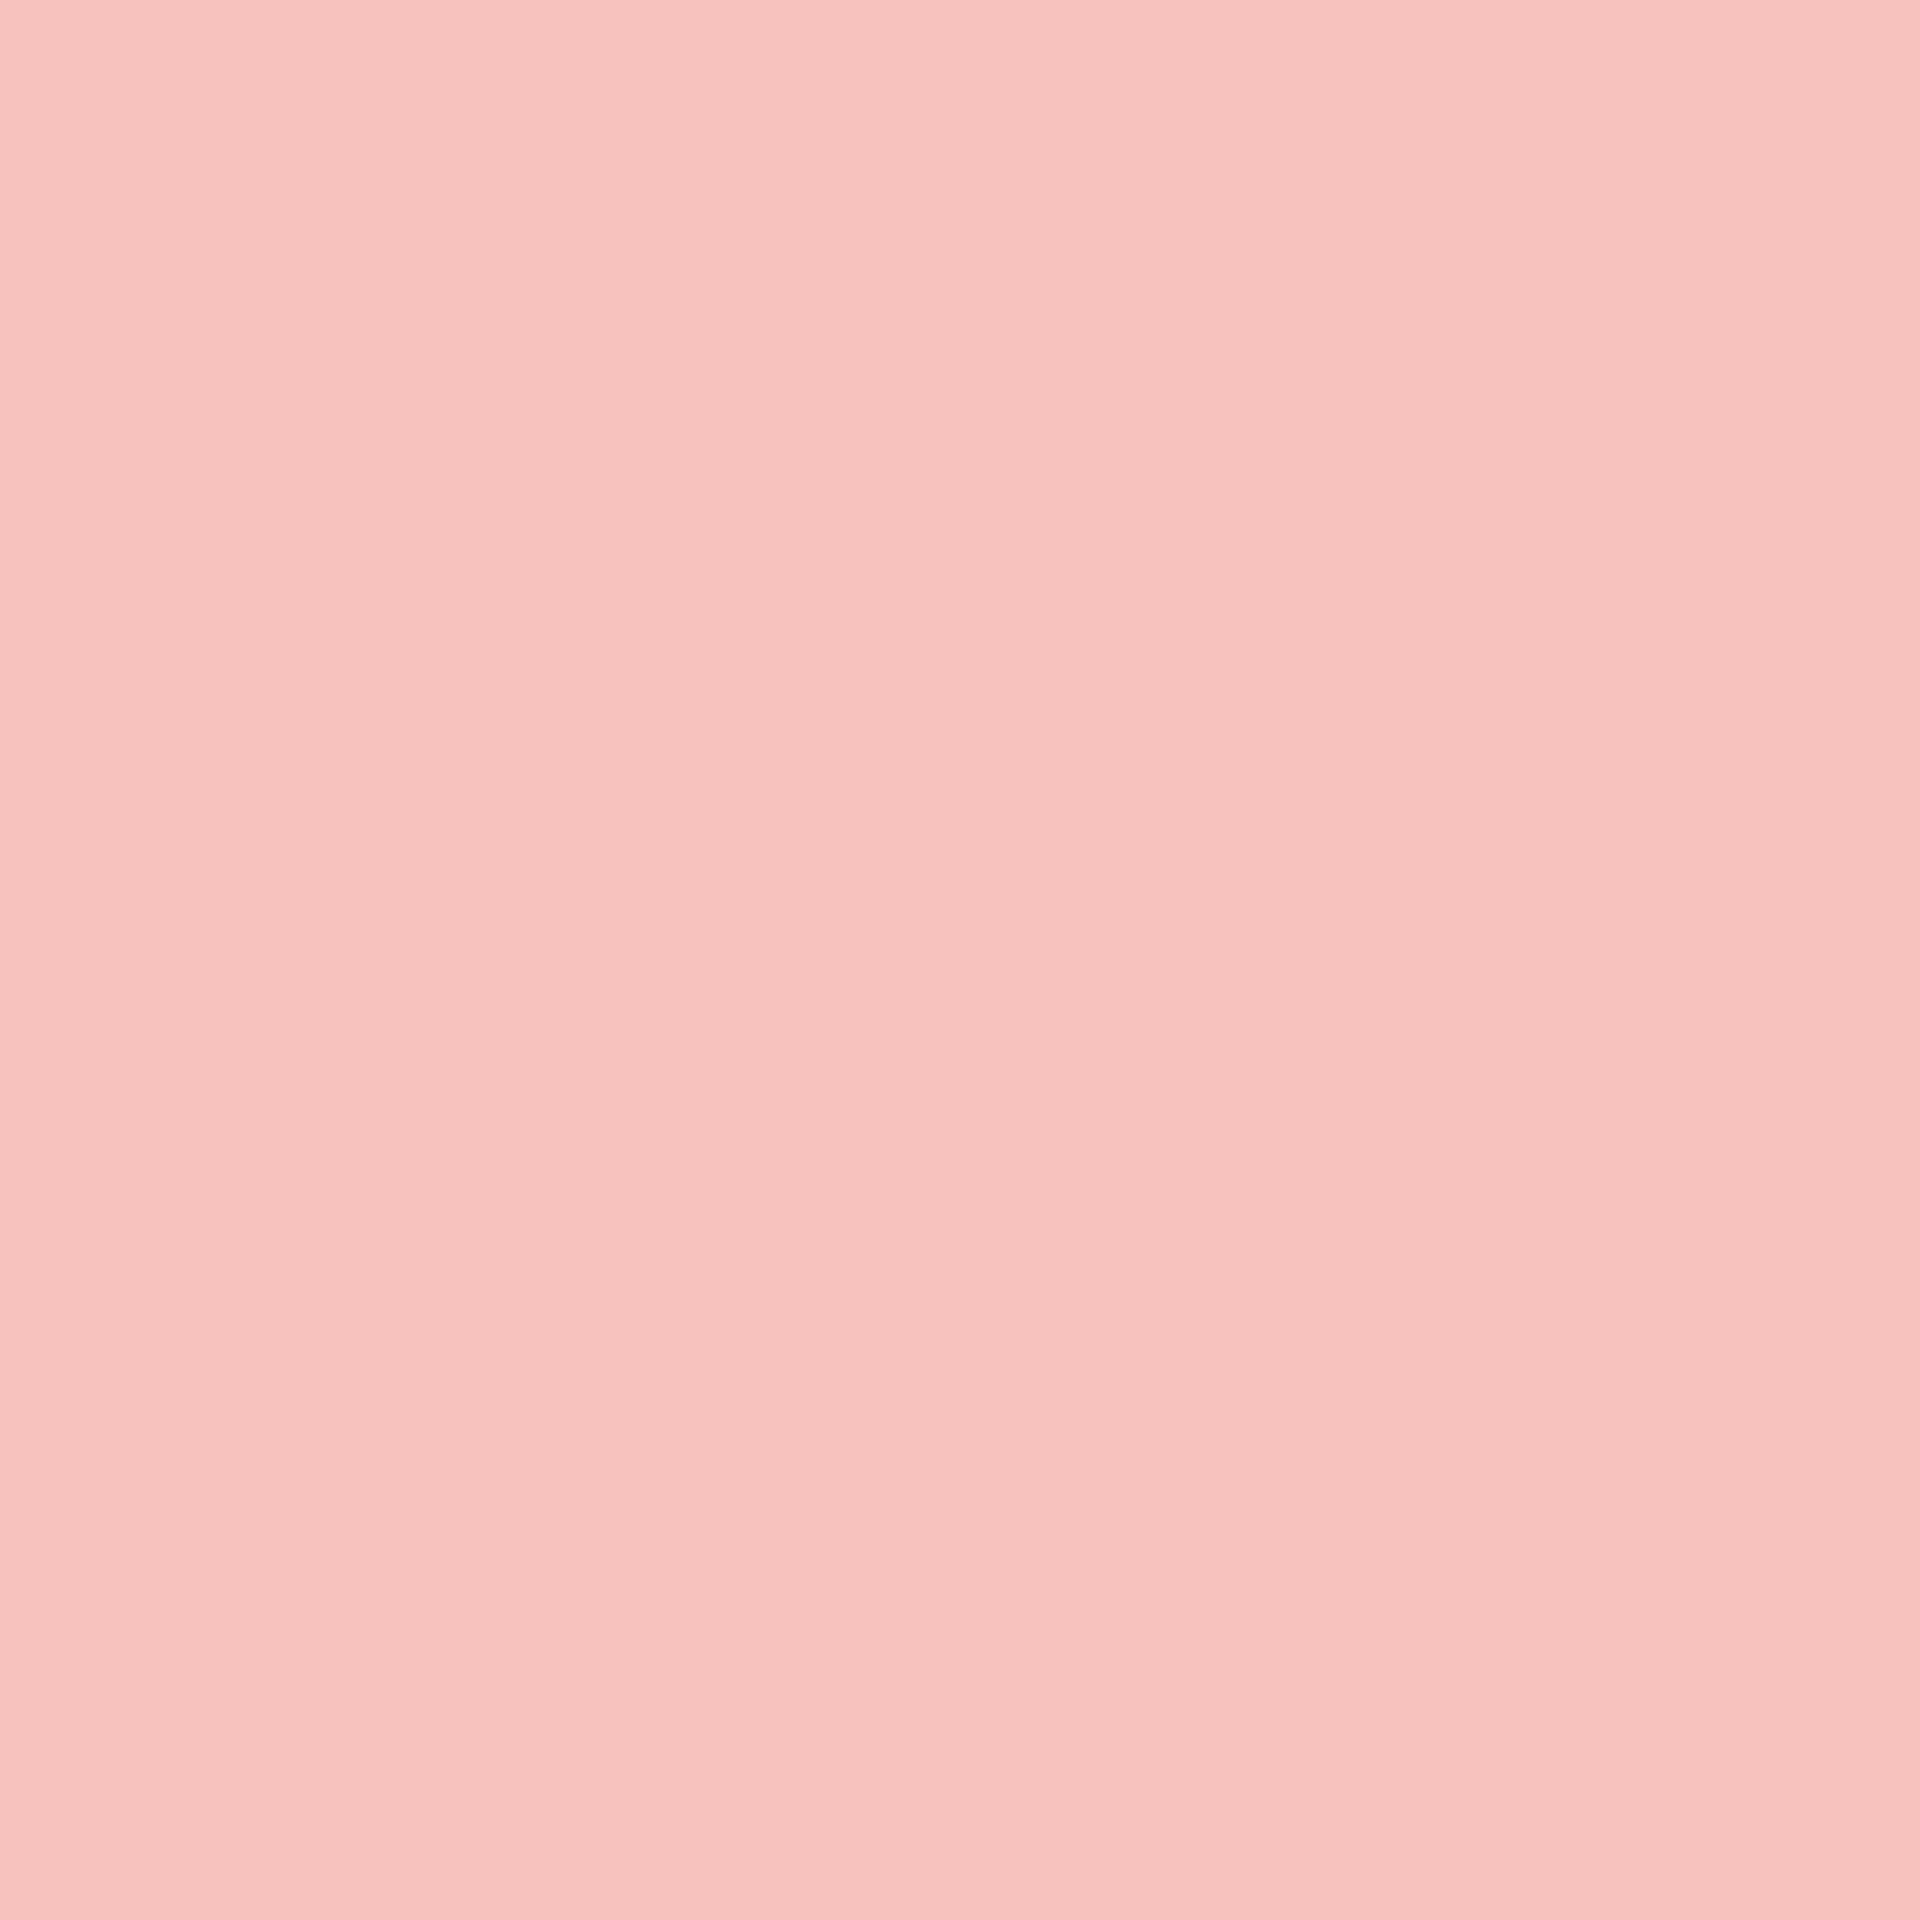 青葉市子の活動10周年記念!初期アルバム『剃刀乙女』と『檻髪』のアナログ版が本日発売 music201223_ichiko-aoba_3-1920x1920